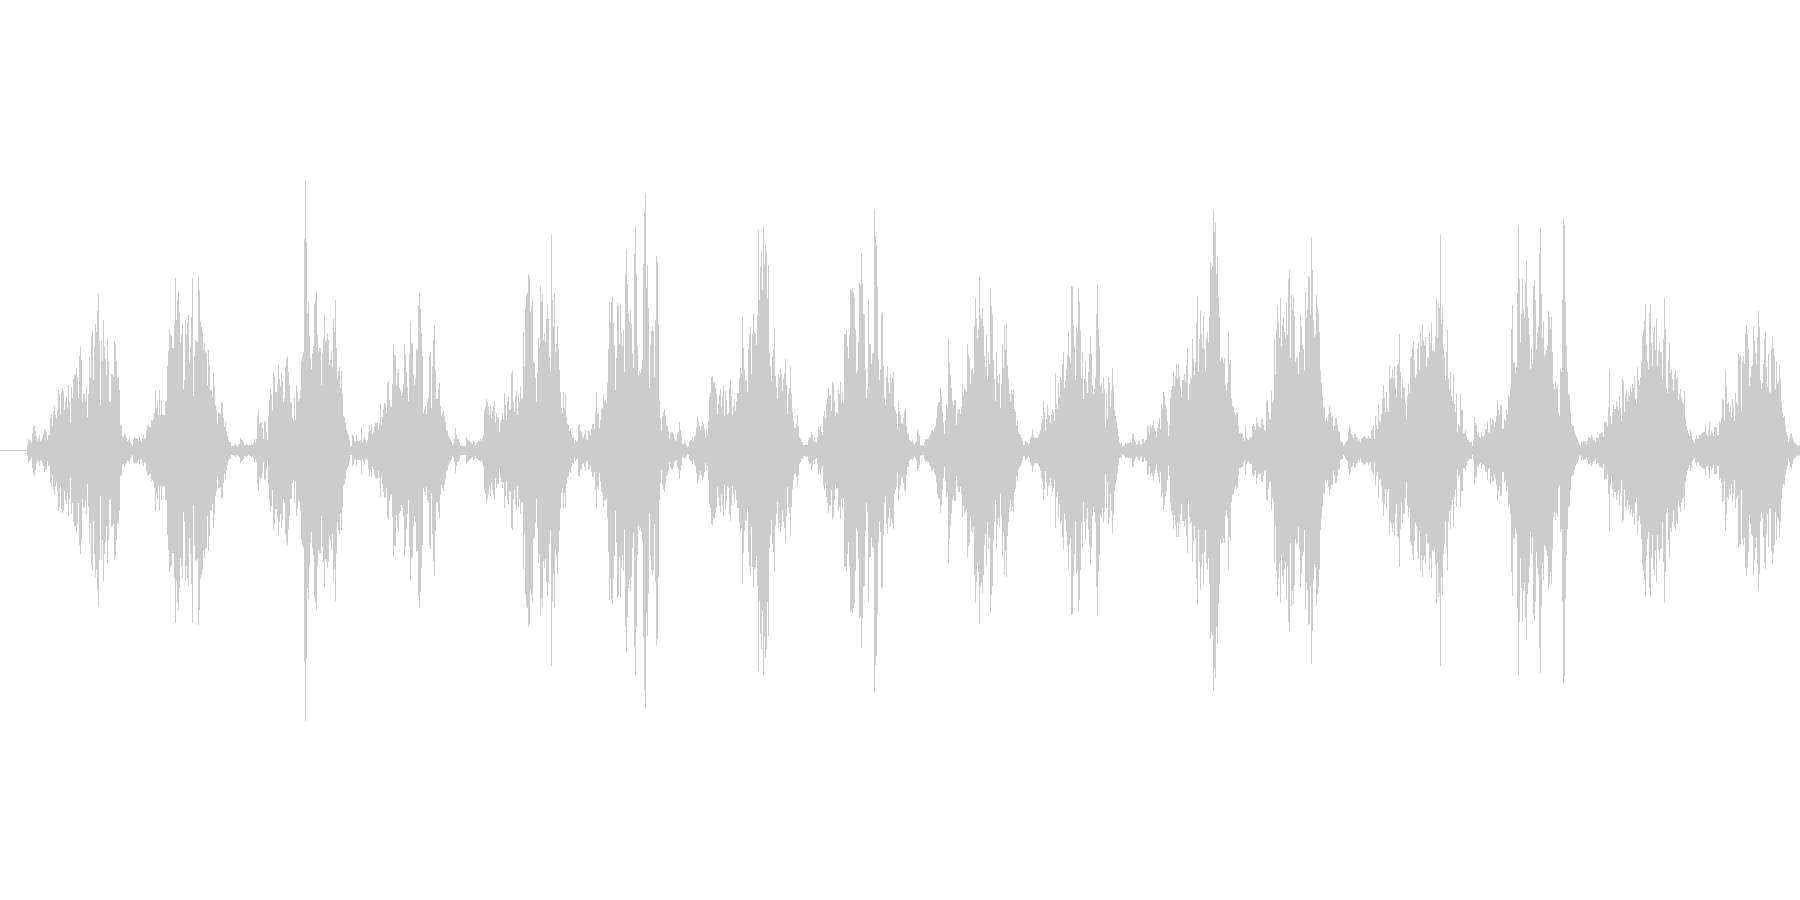 シャカシャカ...(歯ブラシ、磨く)の未再生の波形